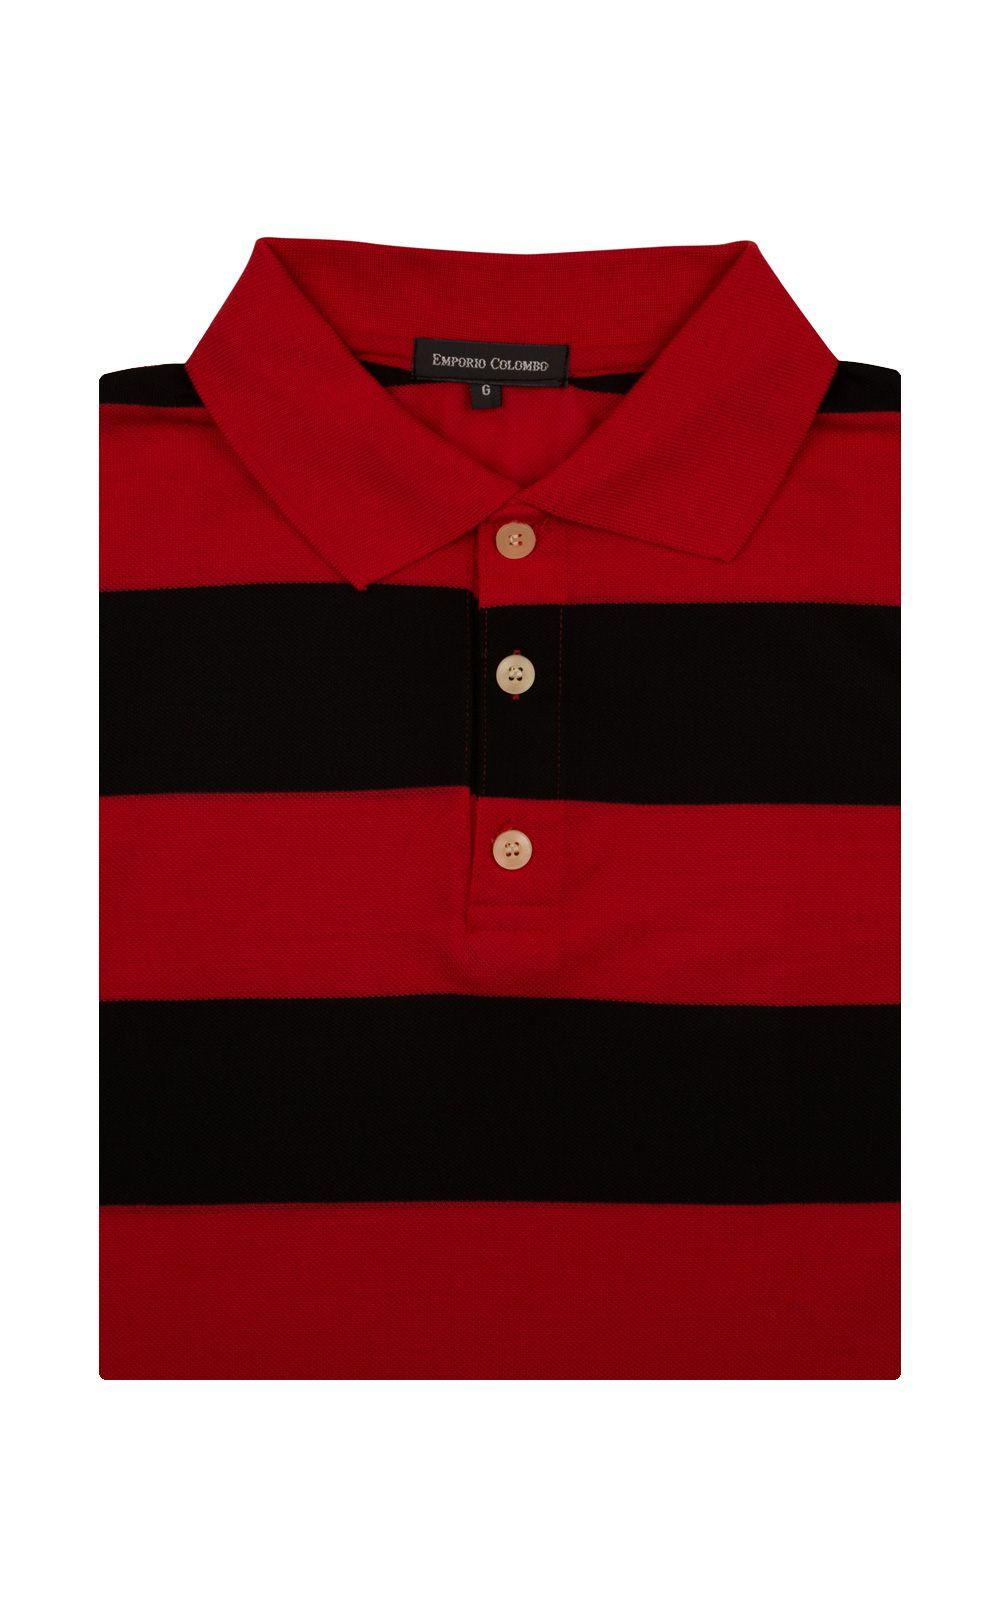 Foto 4 - Camisa Polo Masculina Vermelha Listrada